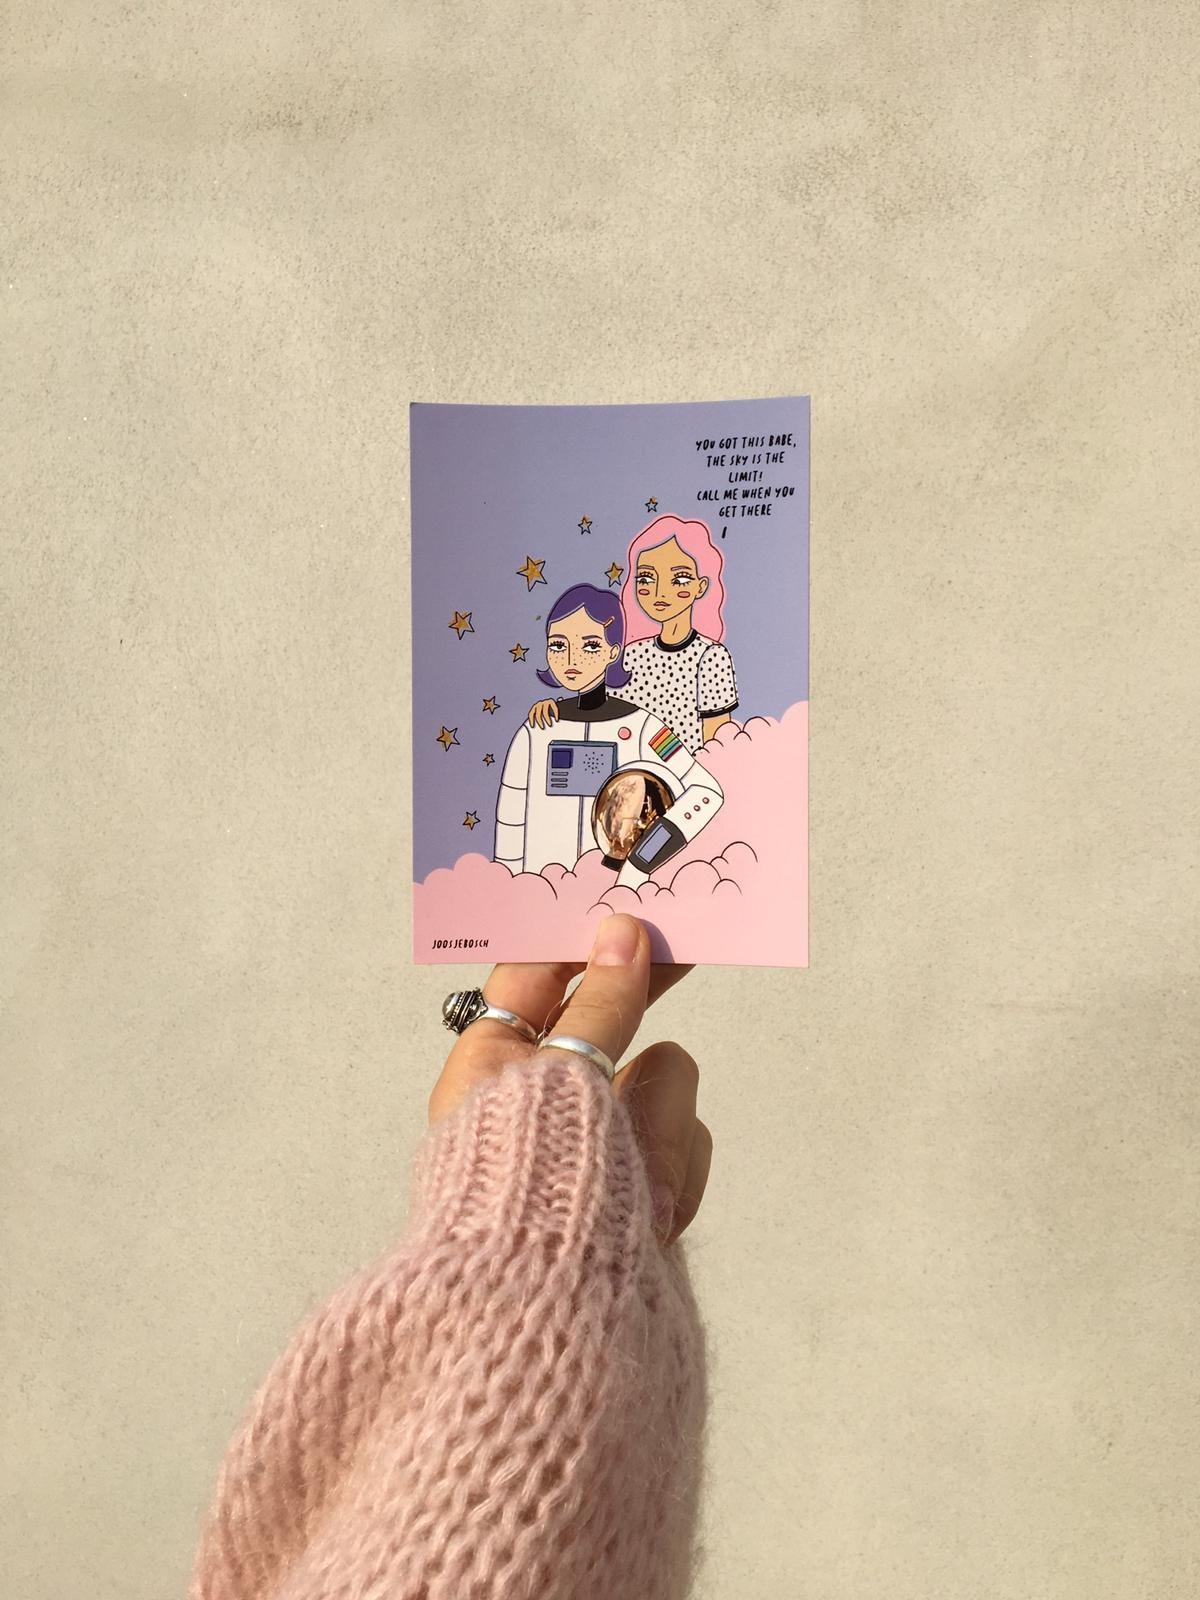 VNTG x JOOS postcard